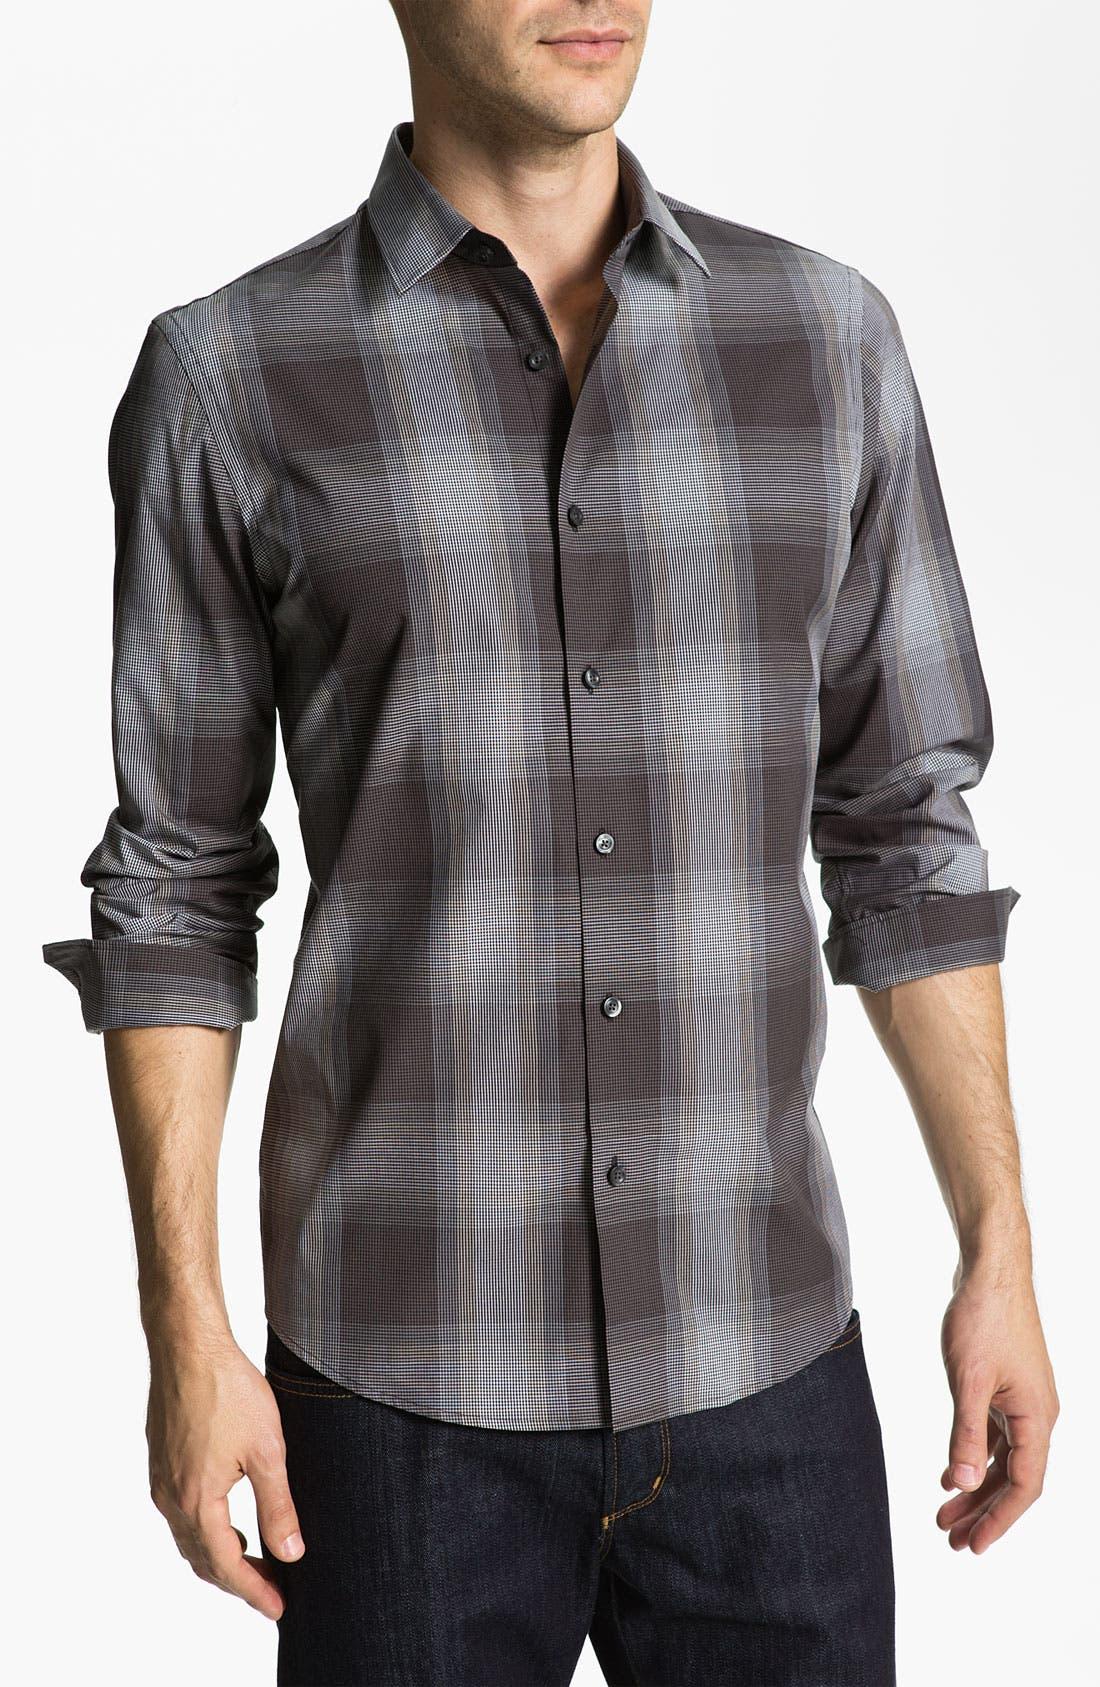 Alternate Image 1 Selected - Calibrate Trim Fit Sport Shirt